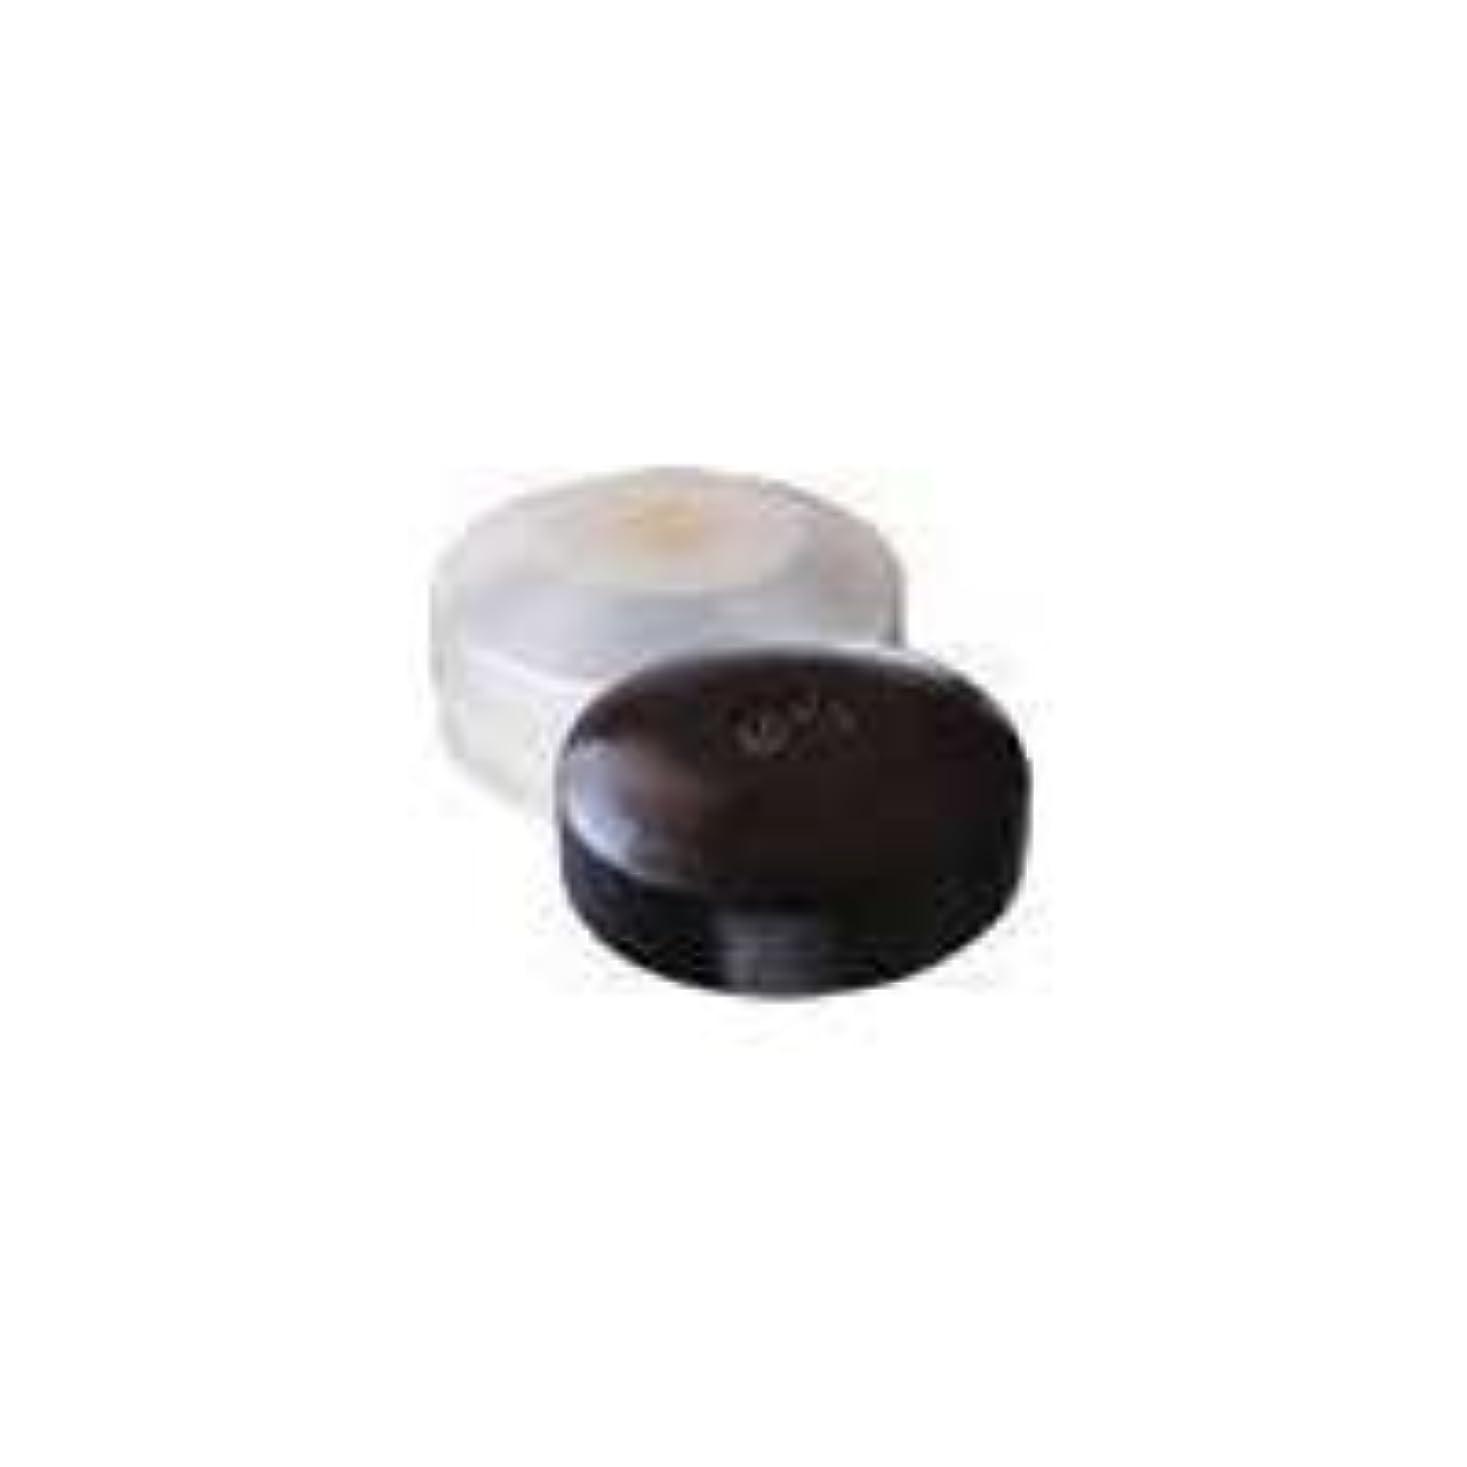 解釈逃げる暴行マミヤンアロエ基礎化粧品シリーズ アロエクセルソープ 120g(ケース有) まろやかな泡立ち透明石鹸